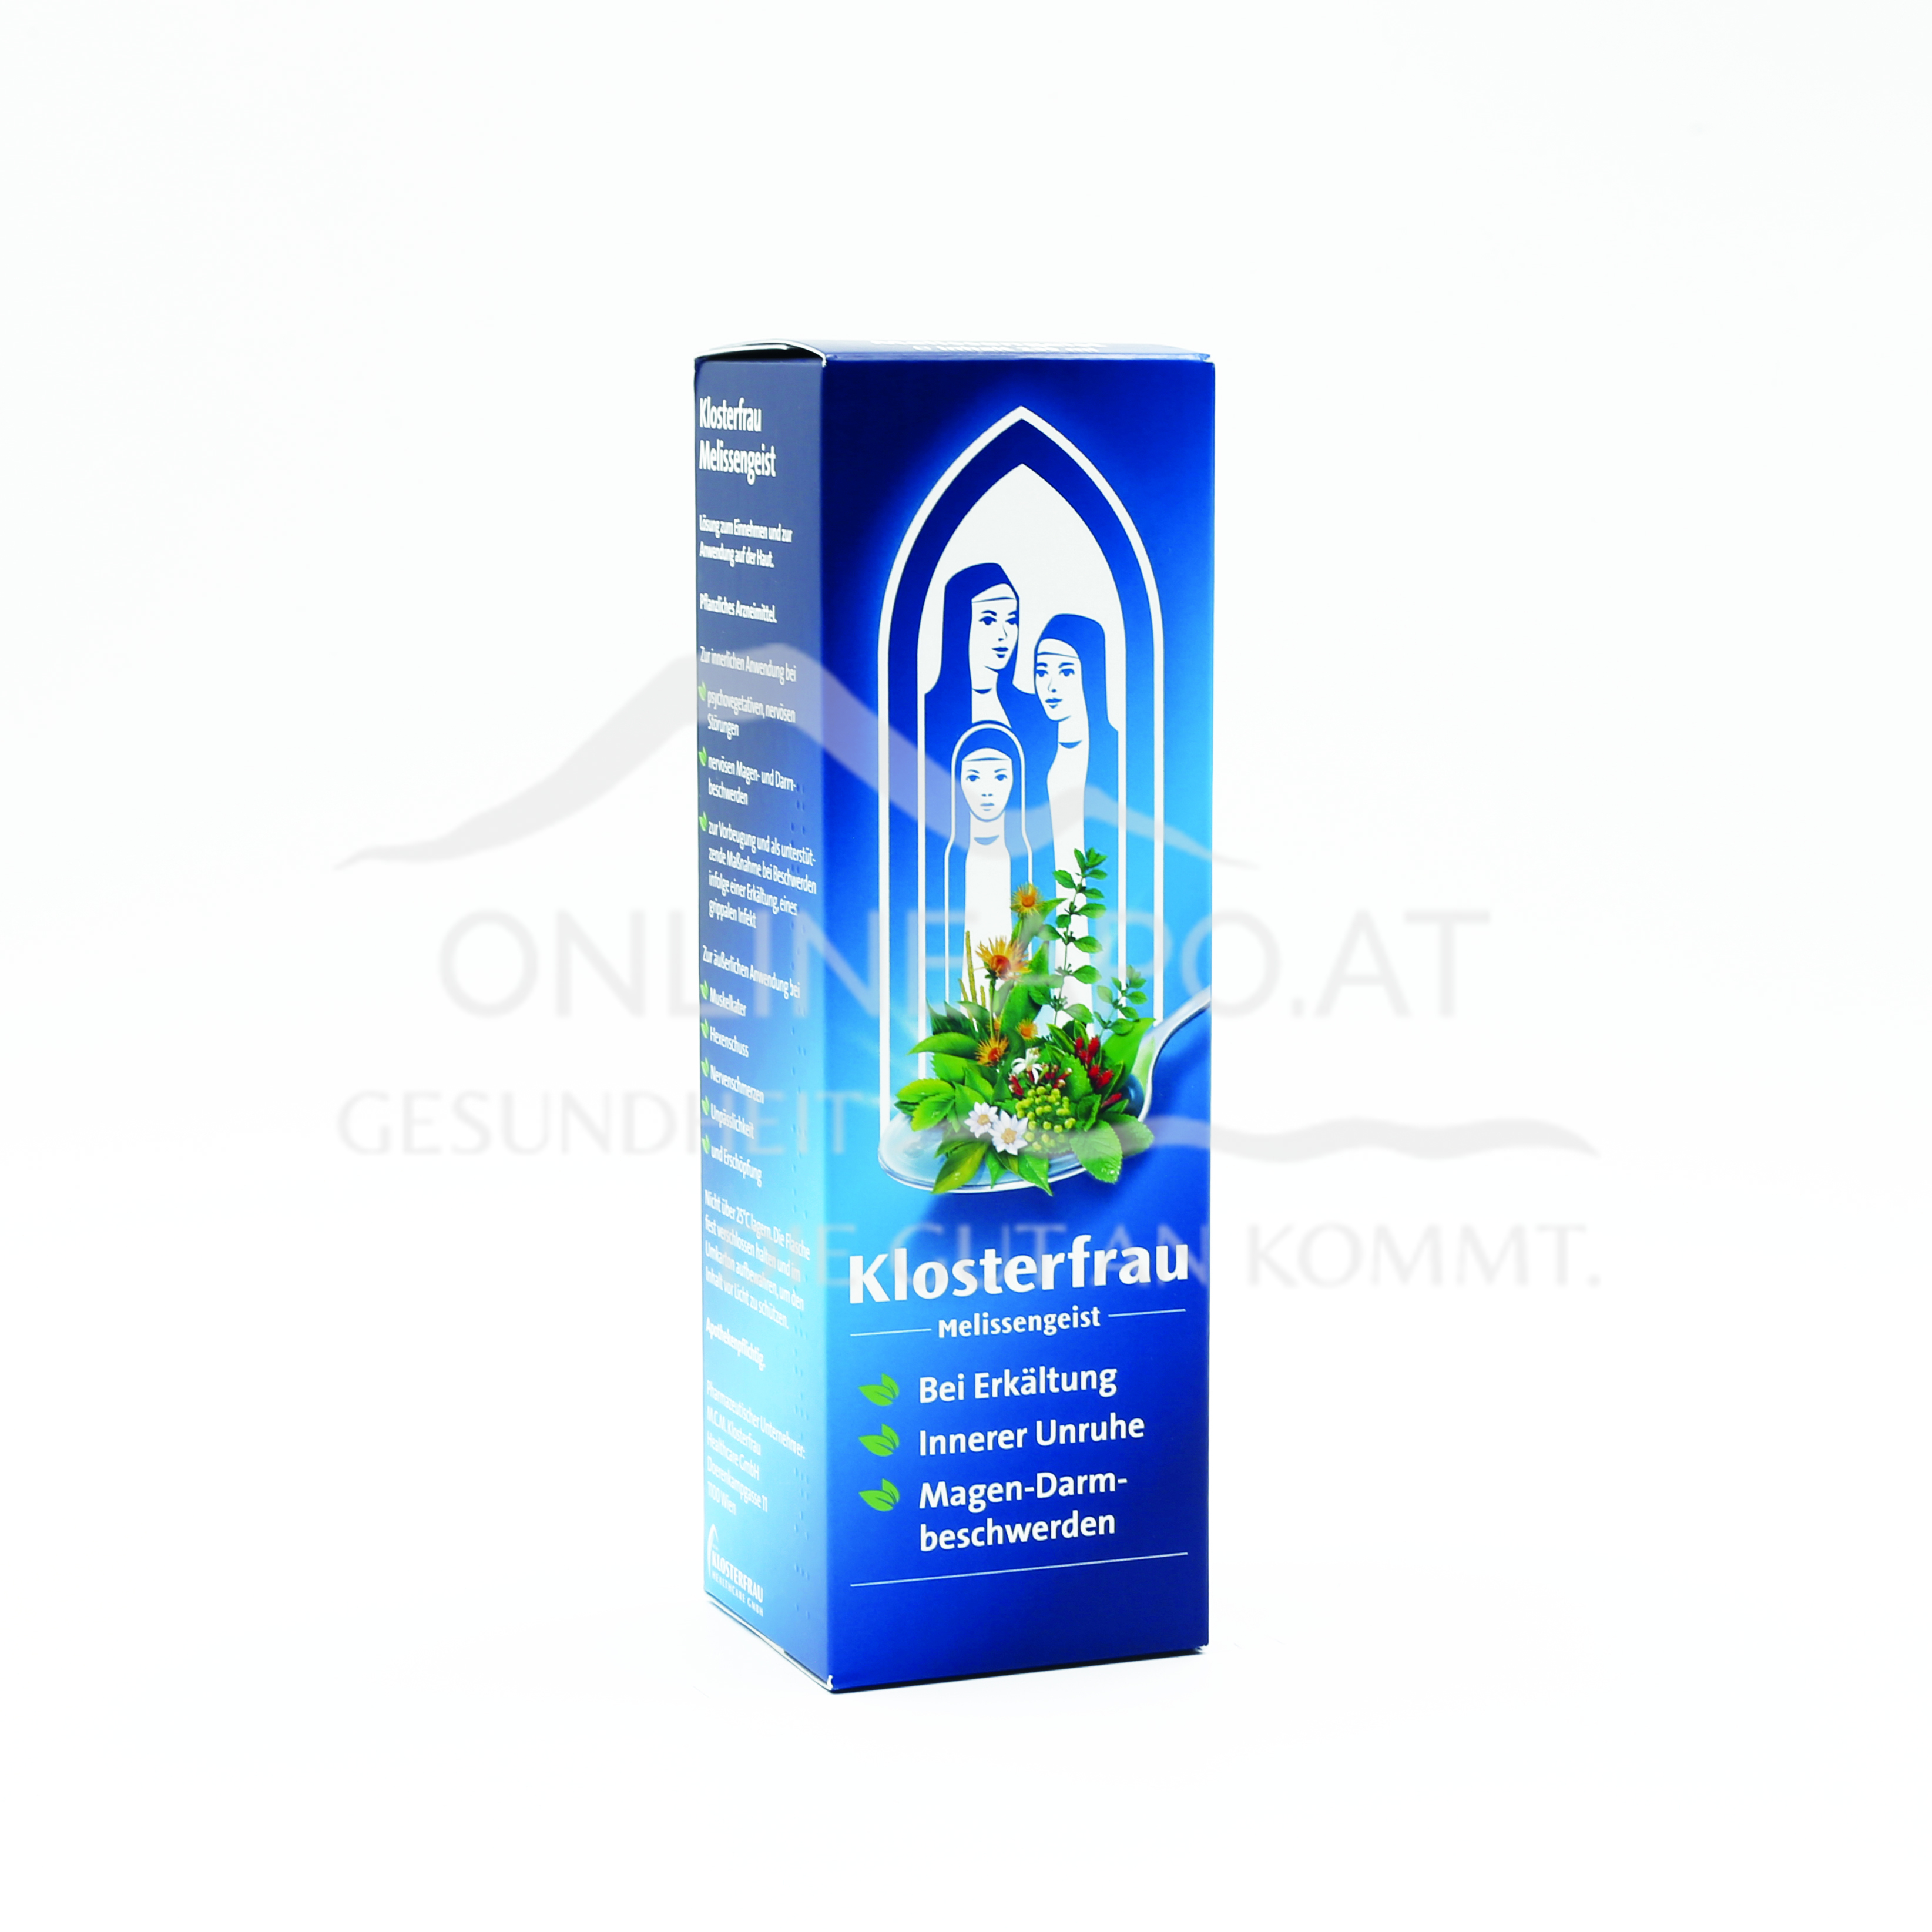 Klosterfrau Melissengeist®